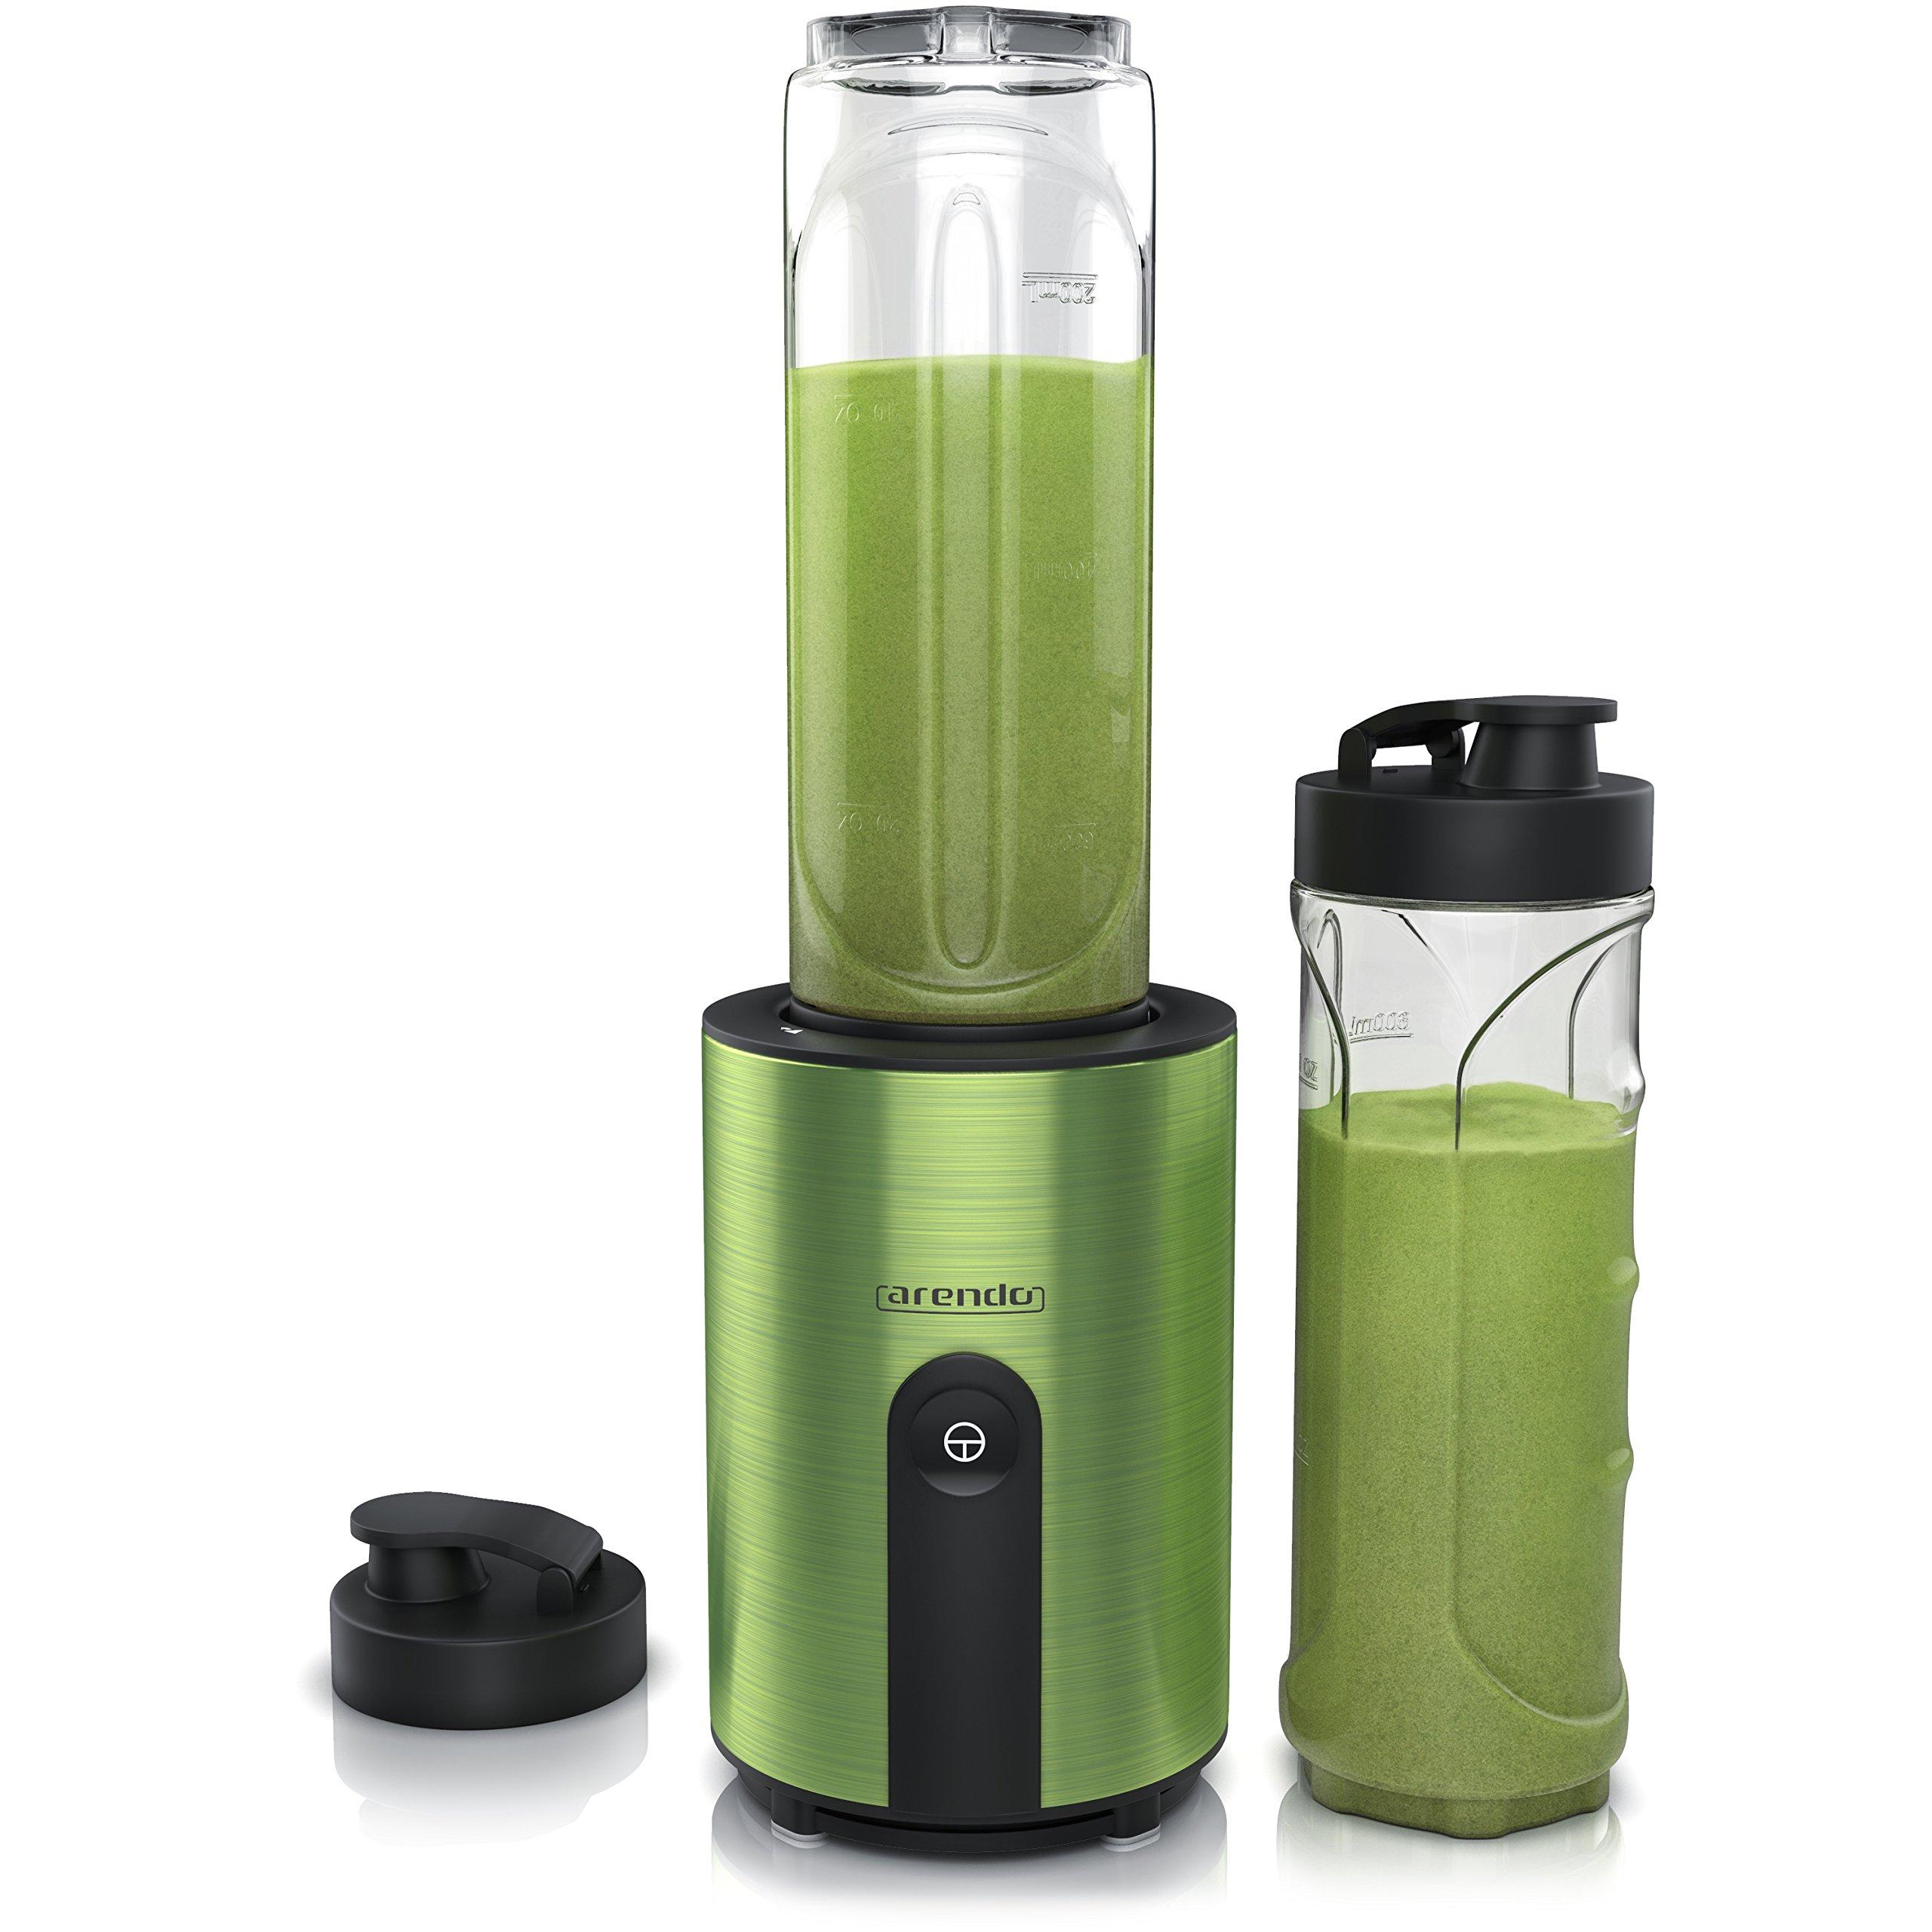 Arendo-mini-Standmixer-Mix-Go-Smoothiemaker-2x-ToGo-Becher-BPA-frei-Edelstahlmesser-4-flgelig-Smoothie-Mixer-Maker-automatische-Sicherheitsabschaltung-splmaschinengeeignet